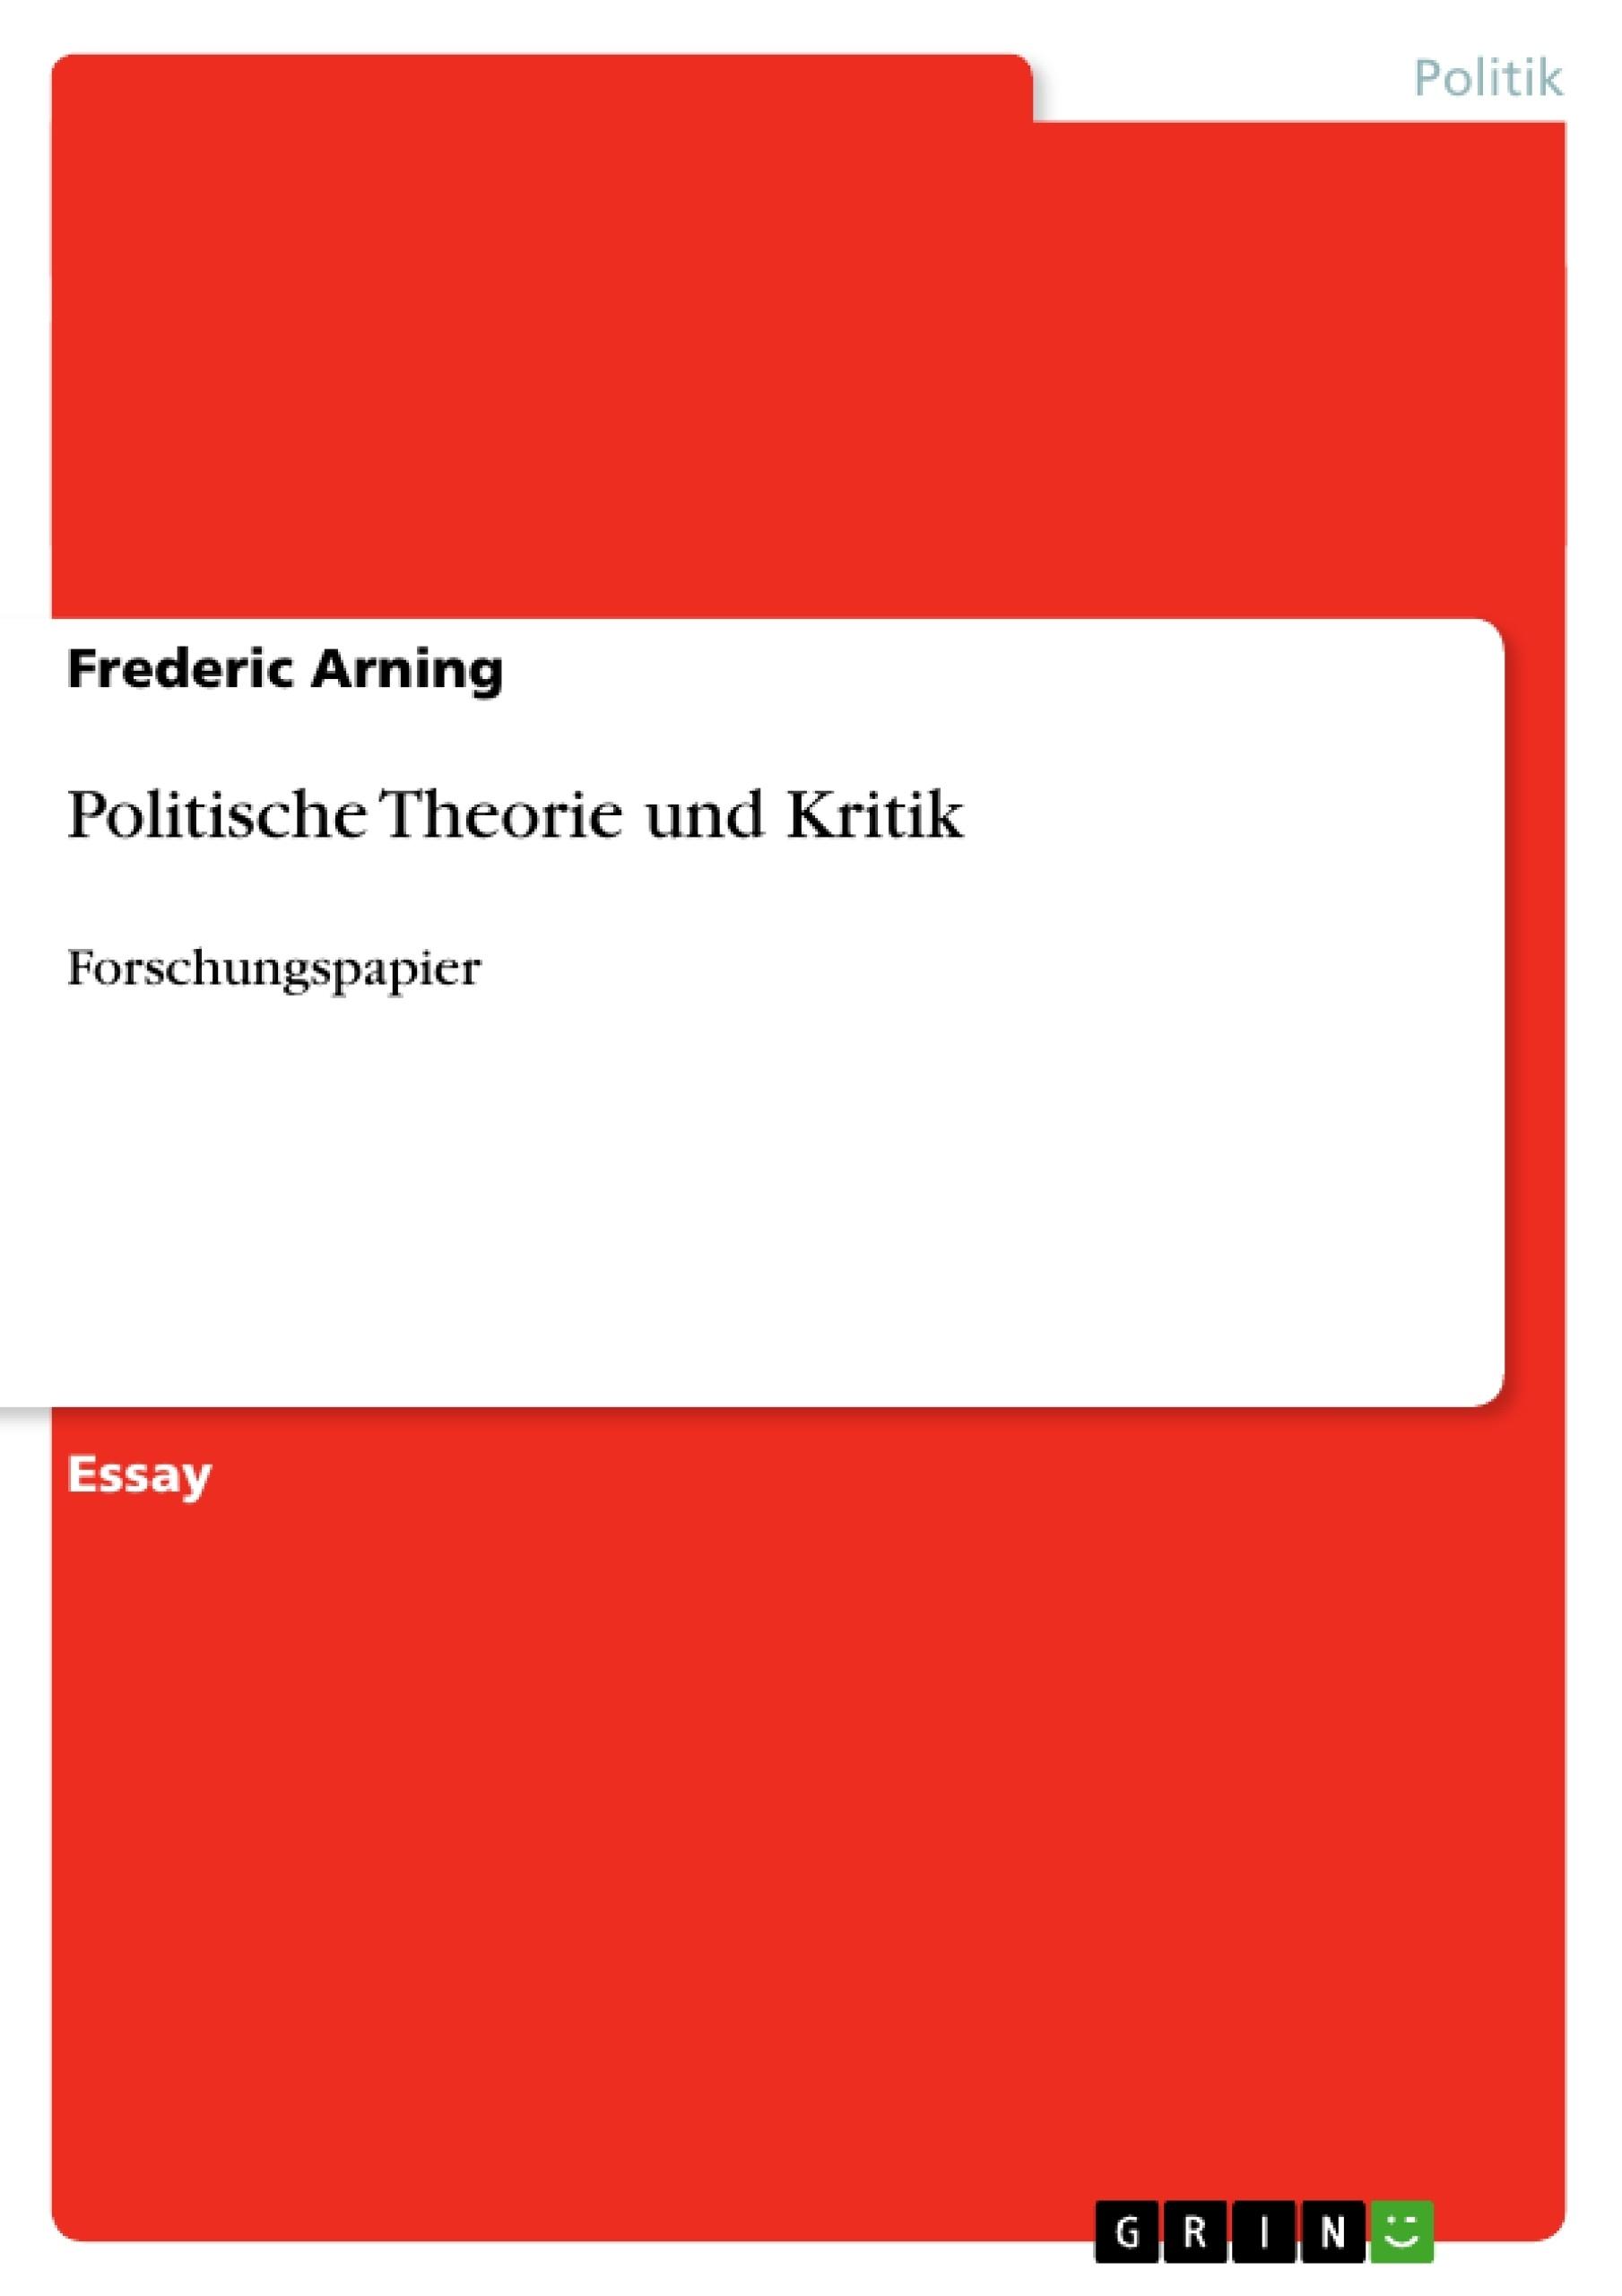 Titel: Politische Theorie und Kritik